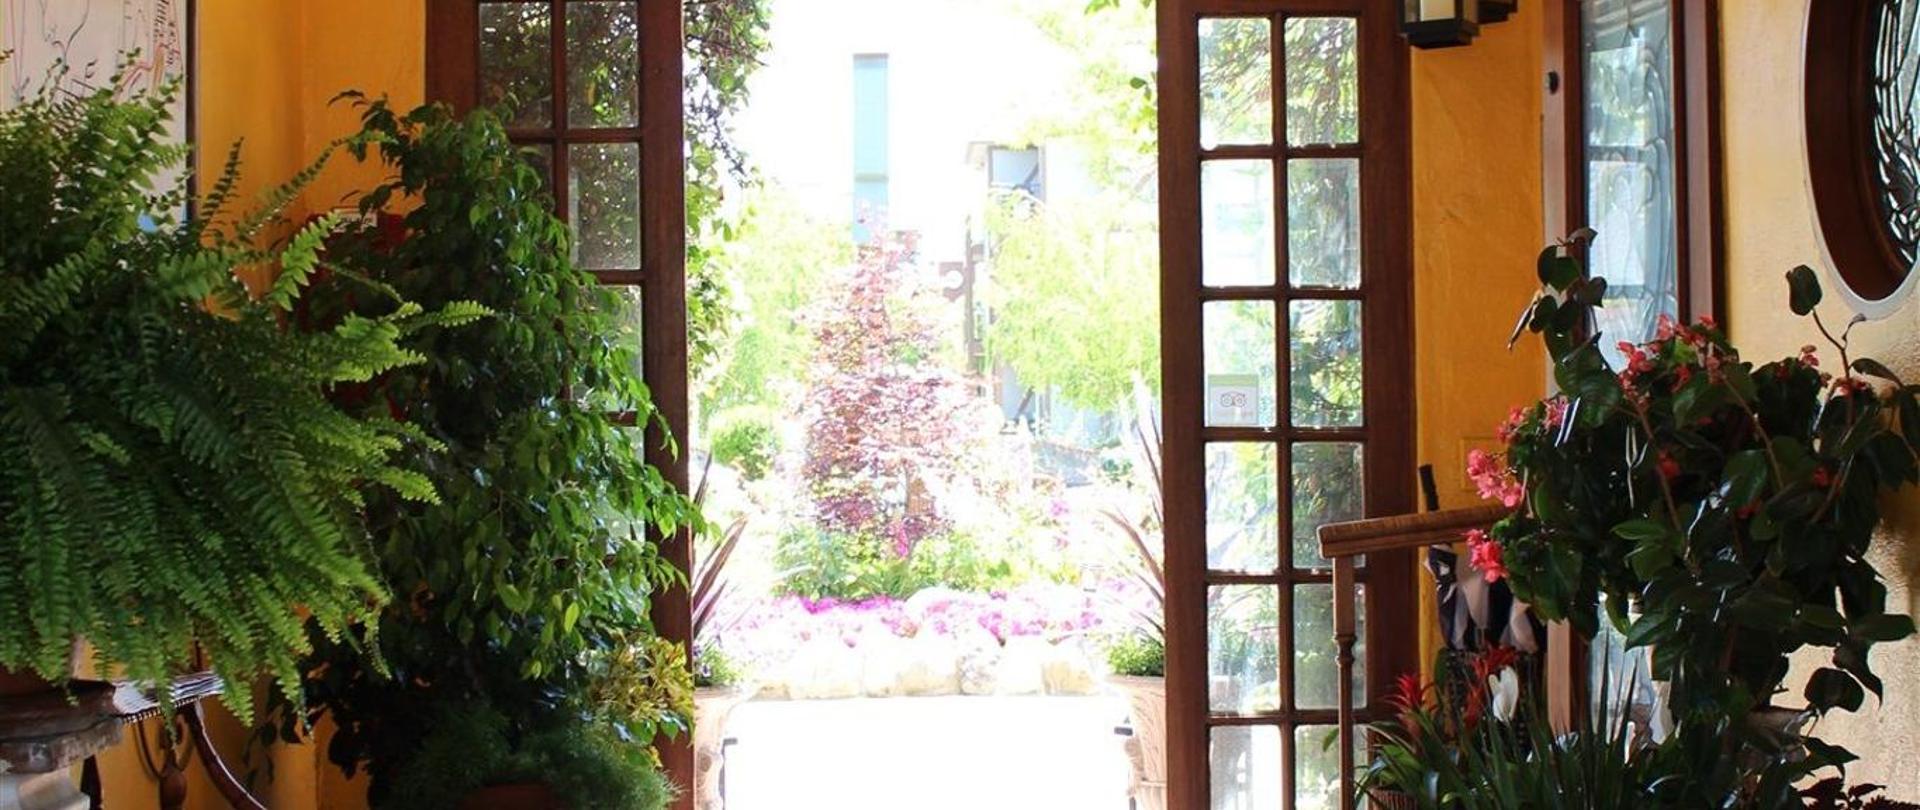 solvang-garden-front-breezeway.JPG